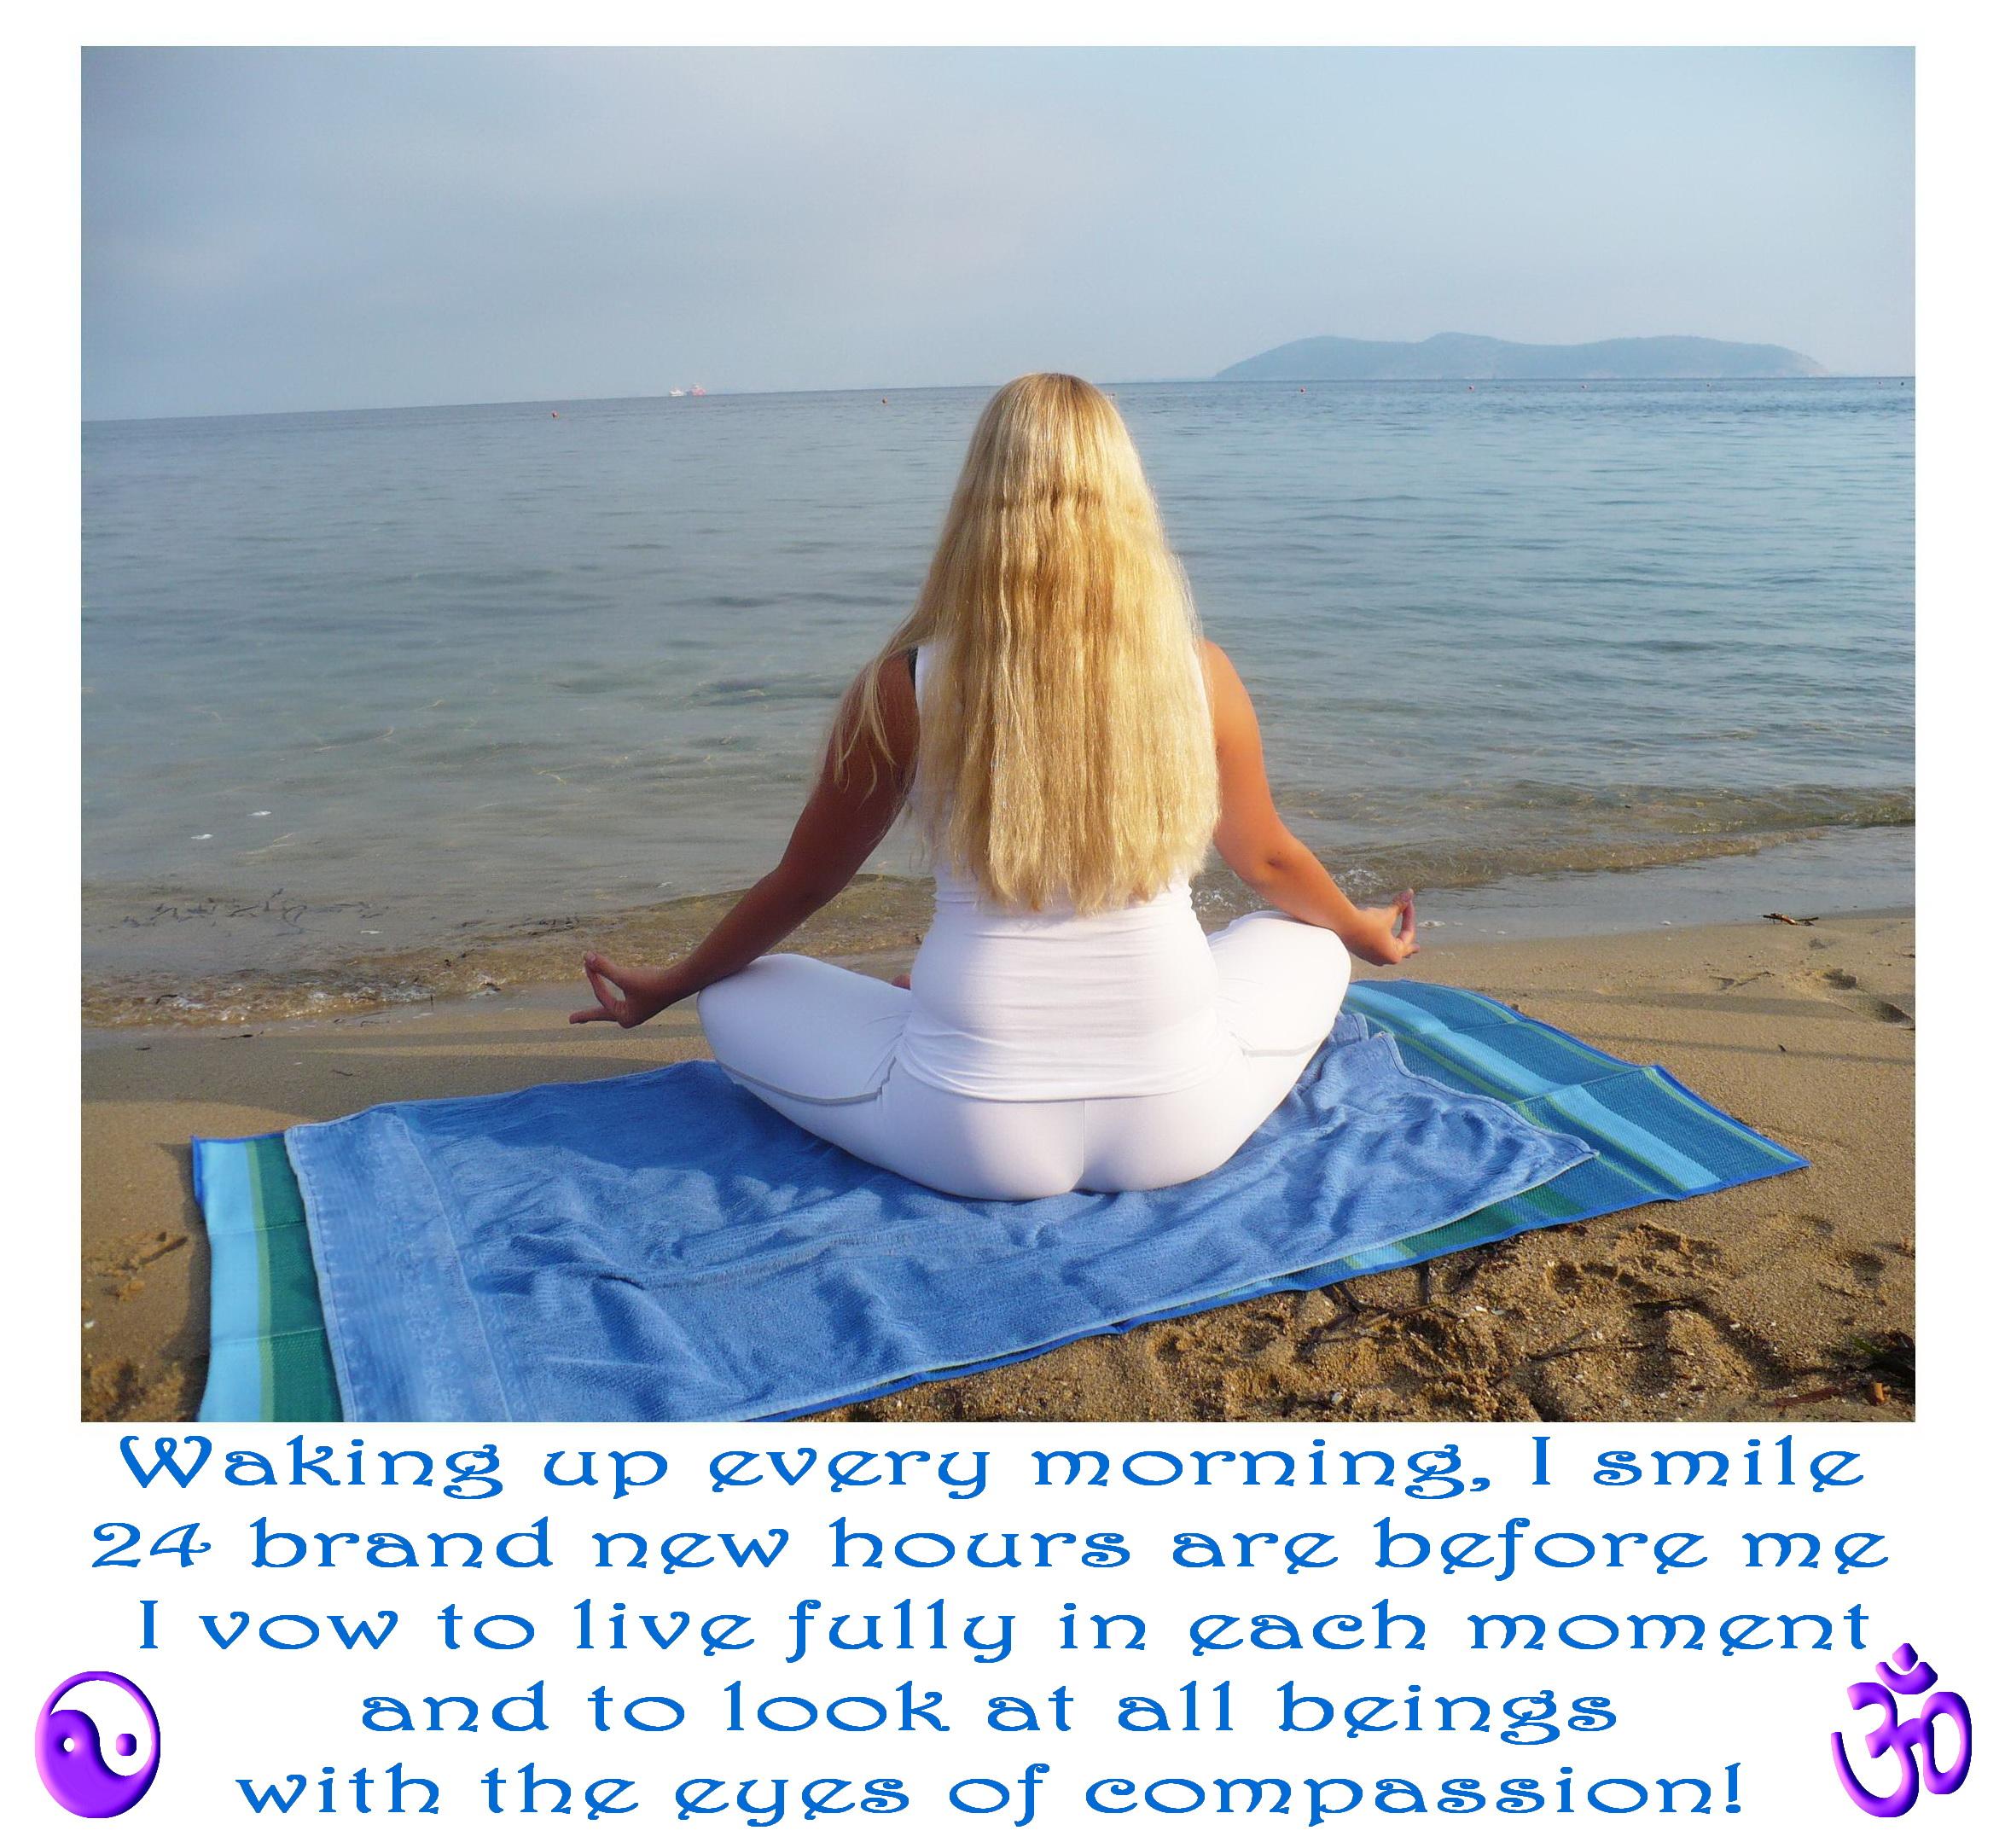 Събуждайки се, всяка сутрин, аз се усмихвам. 24 чисто нови часа са пред мен! Заричам се да живея изцяло във всеки момент и да гледам на всички живи същества с очите на състраданието!